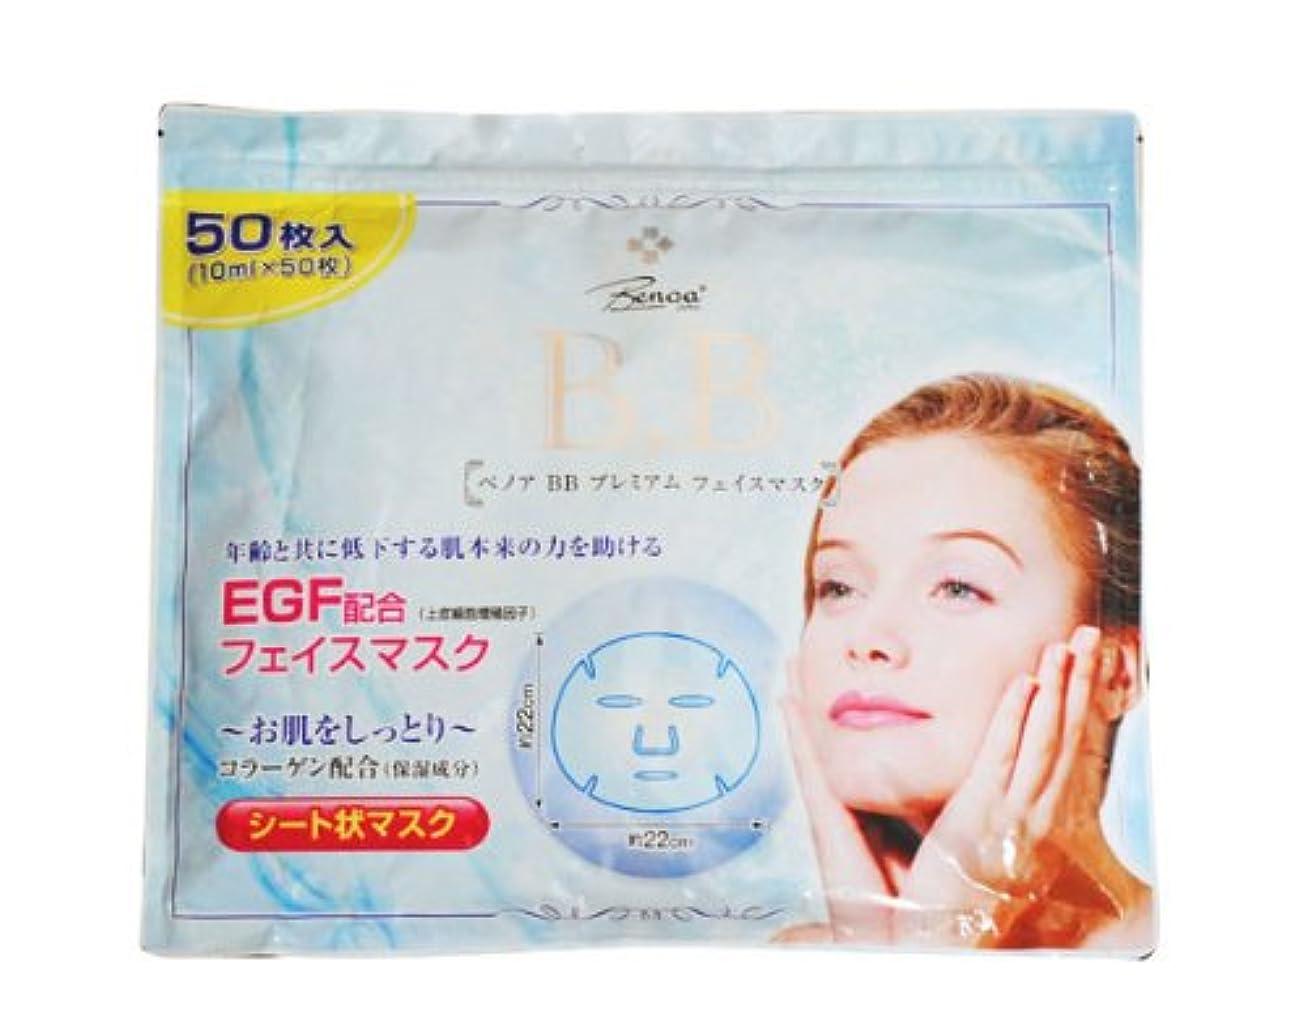 浴室首謀者枯渇ベノア BB プレミアム フェイスマスク 50枚入 EGF配合 コラーゲン配合